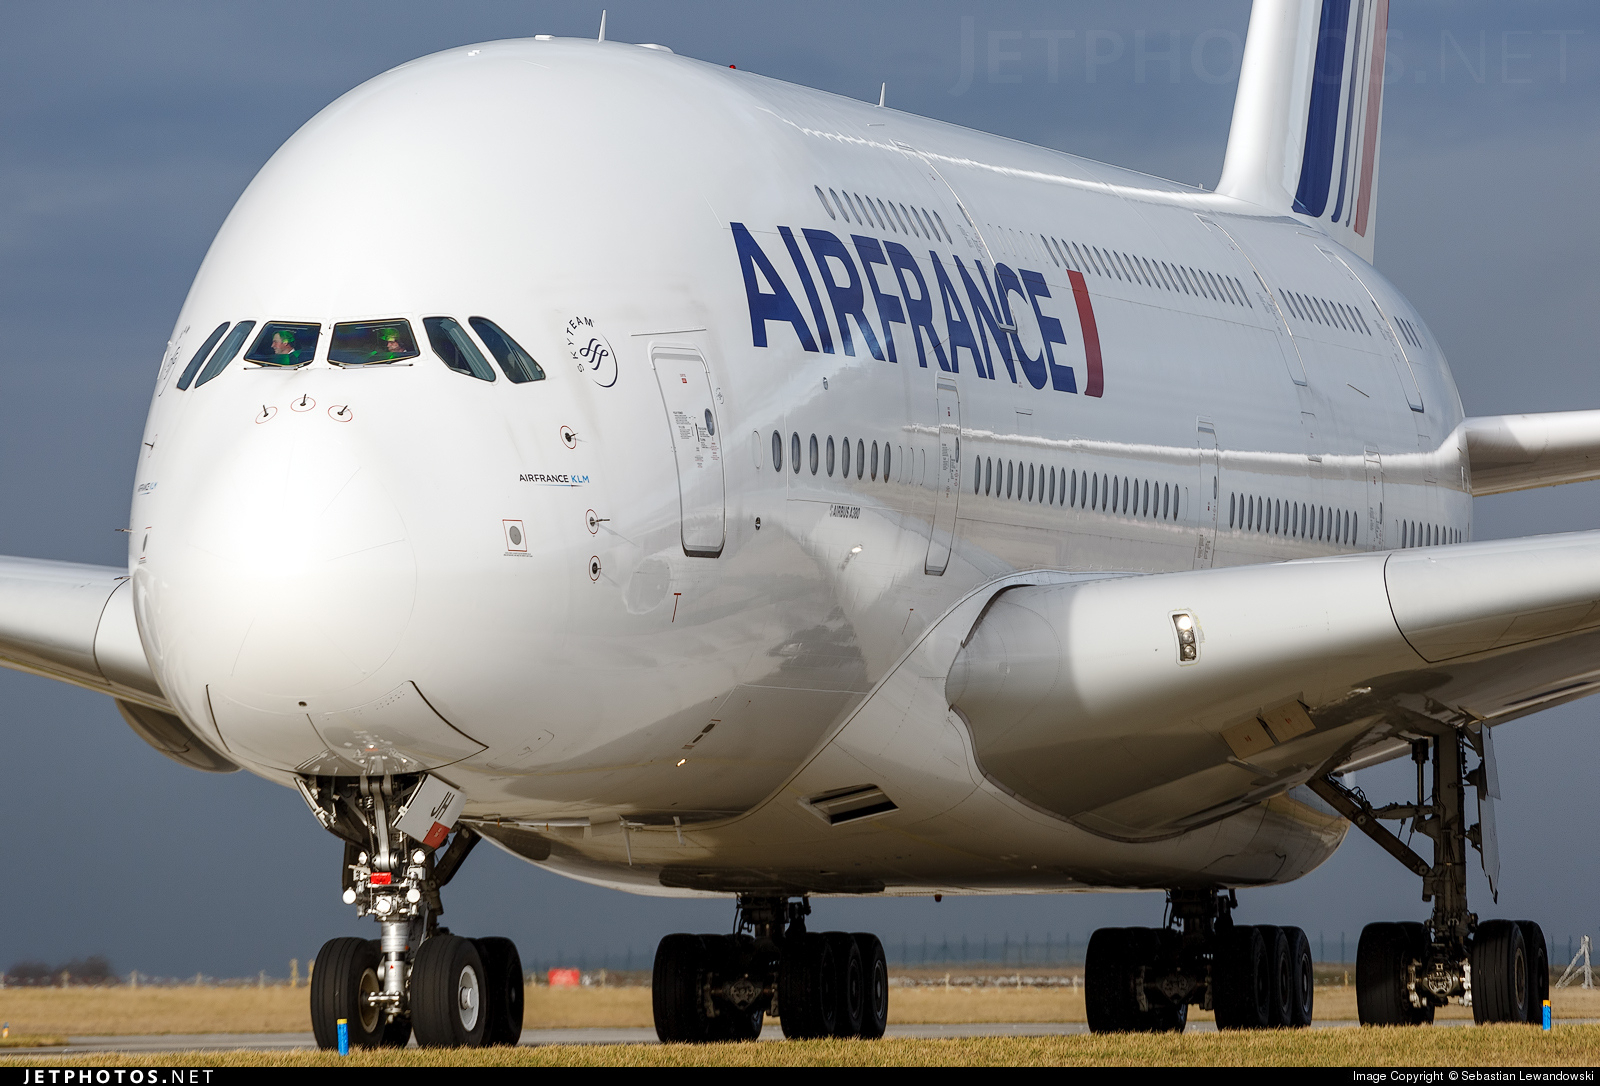 An Air France A380